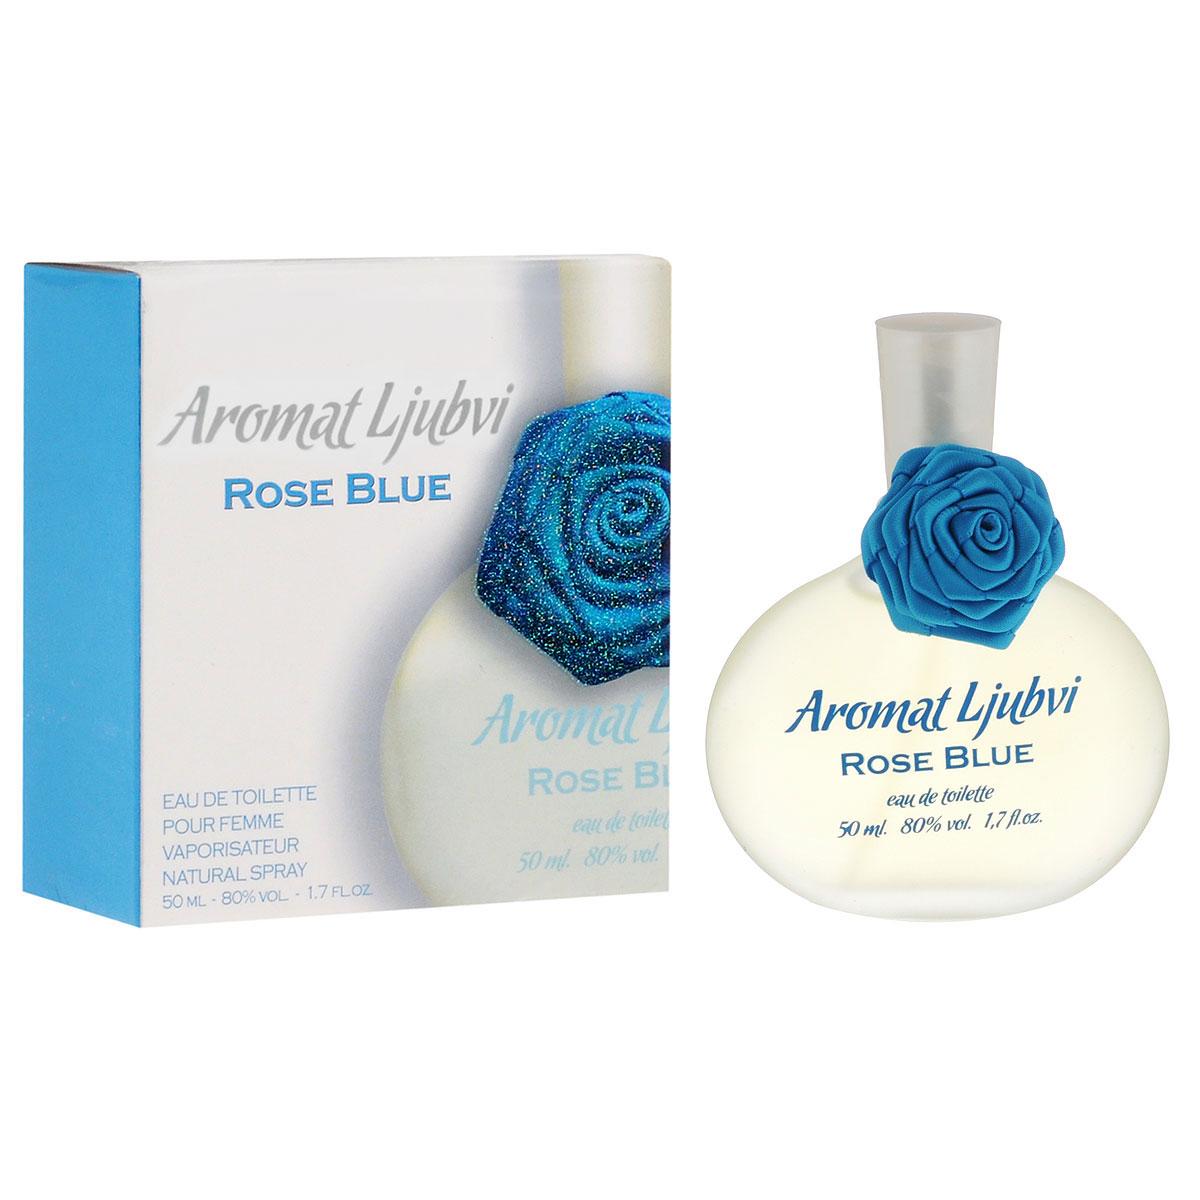 Apple Parfums Туалетная вода Aromat Ljubvi. Rose Blue, женская, 50 мл1301210Прекрасный легкий женский аромат Aromat Ljubvi. Rose Blue от Apple Parfums охватывает свою обладательницу волной свежести. Он пробуждает различные чувства, даря счастливые и жизнерадостные моменты.Классификация аромата: свежий, цветочный.Пирамида аромата:Верхние ноты: зеленые листья, травяные ноты.Ноты сердца: водяной аккорд.Ноты шлейфа:кедр, мускус. Ключевые словаСвежий, жизнерадостный!Туалетная вода - один из самых популярных видов парфюмерной продукции. Туалетная вода содержит 4-10%парфюмерного экстракта. Главные достоинства данного типа продукции заключаются в доступной цене, разнообразии форматов (как правило, 30, 50, 75, 100 мл), удобстве использования (чаще всего - спрей). Идеальна для дневного использования.Товар сертифицирован.